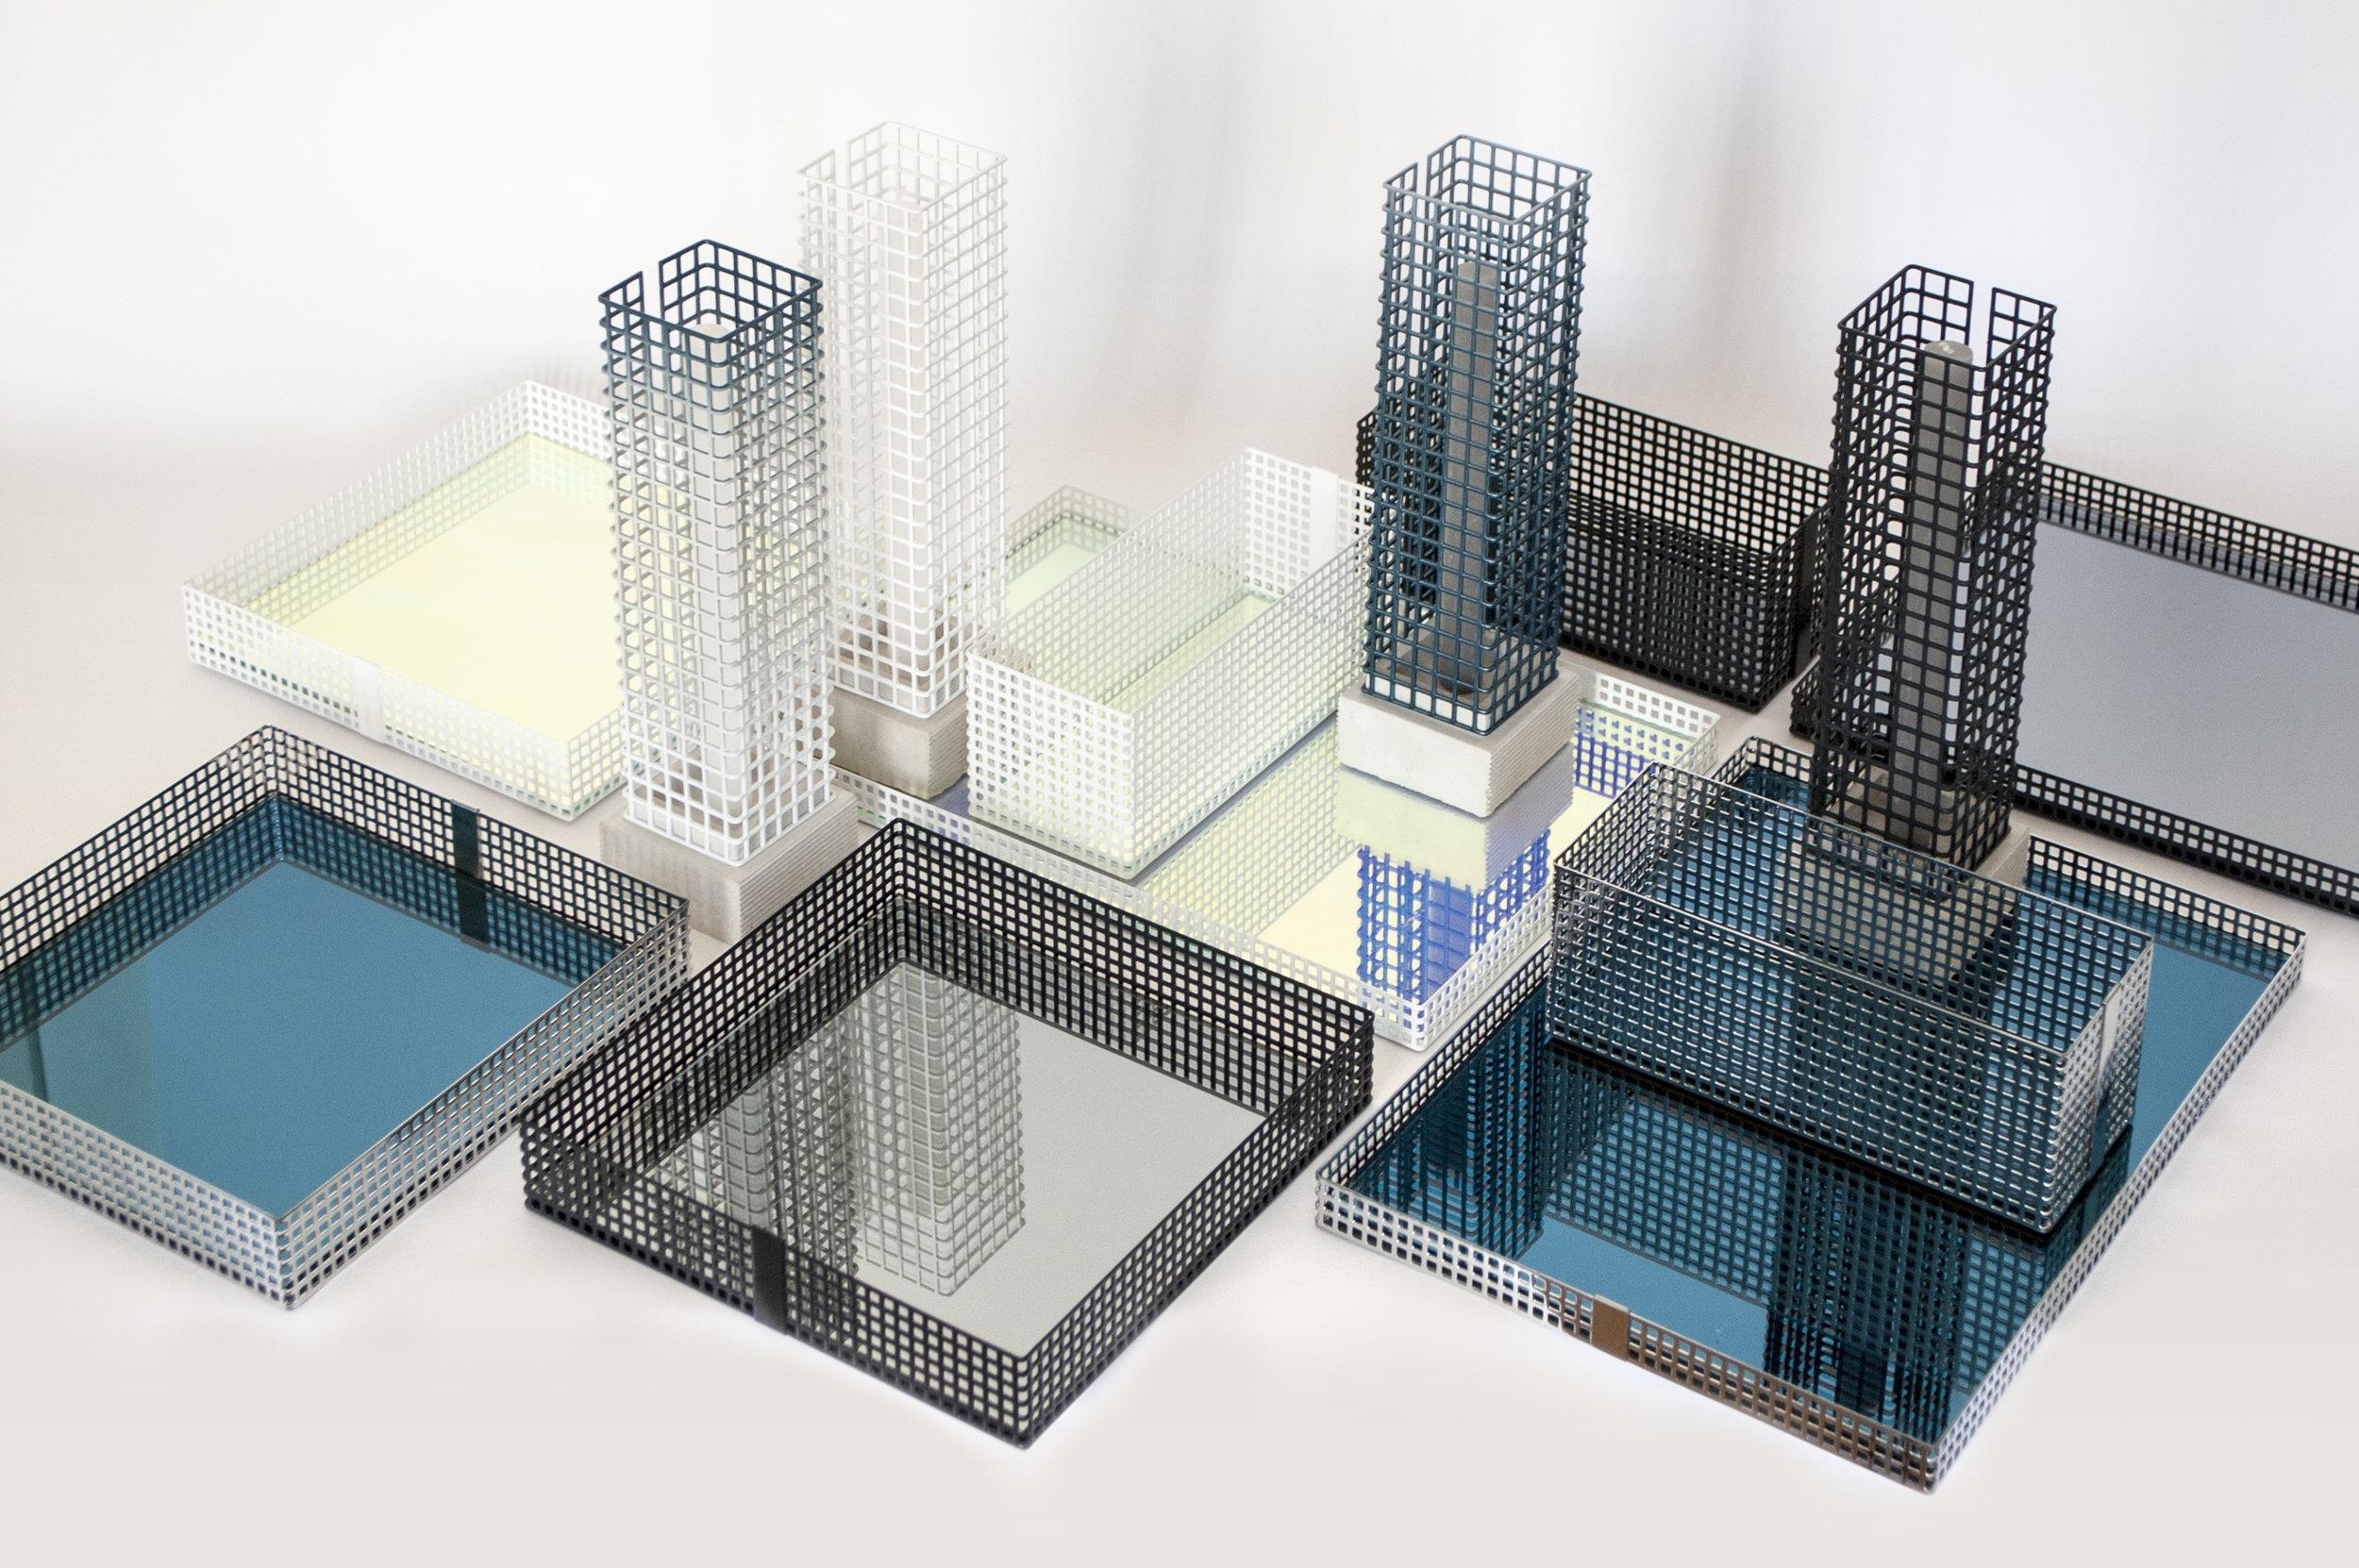 Table Architecture composition 1 - David Derksen Design.jpg